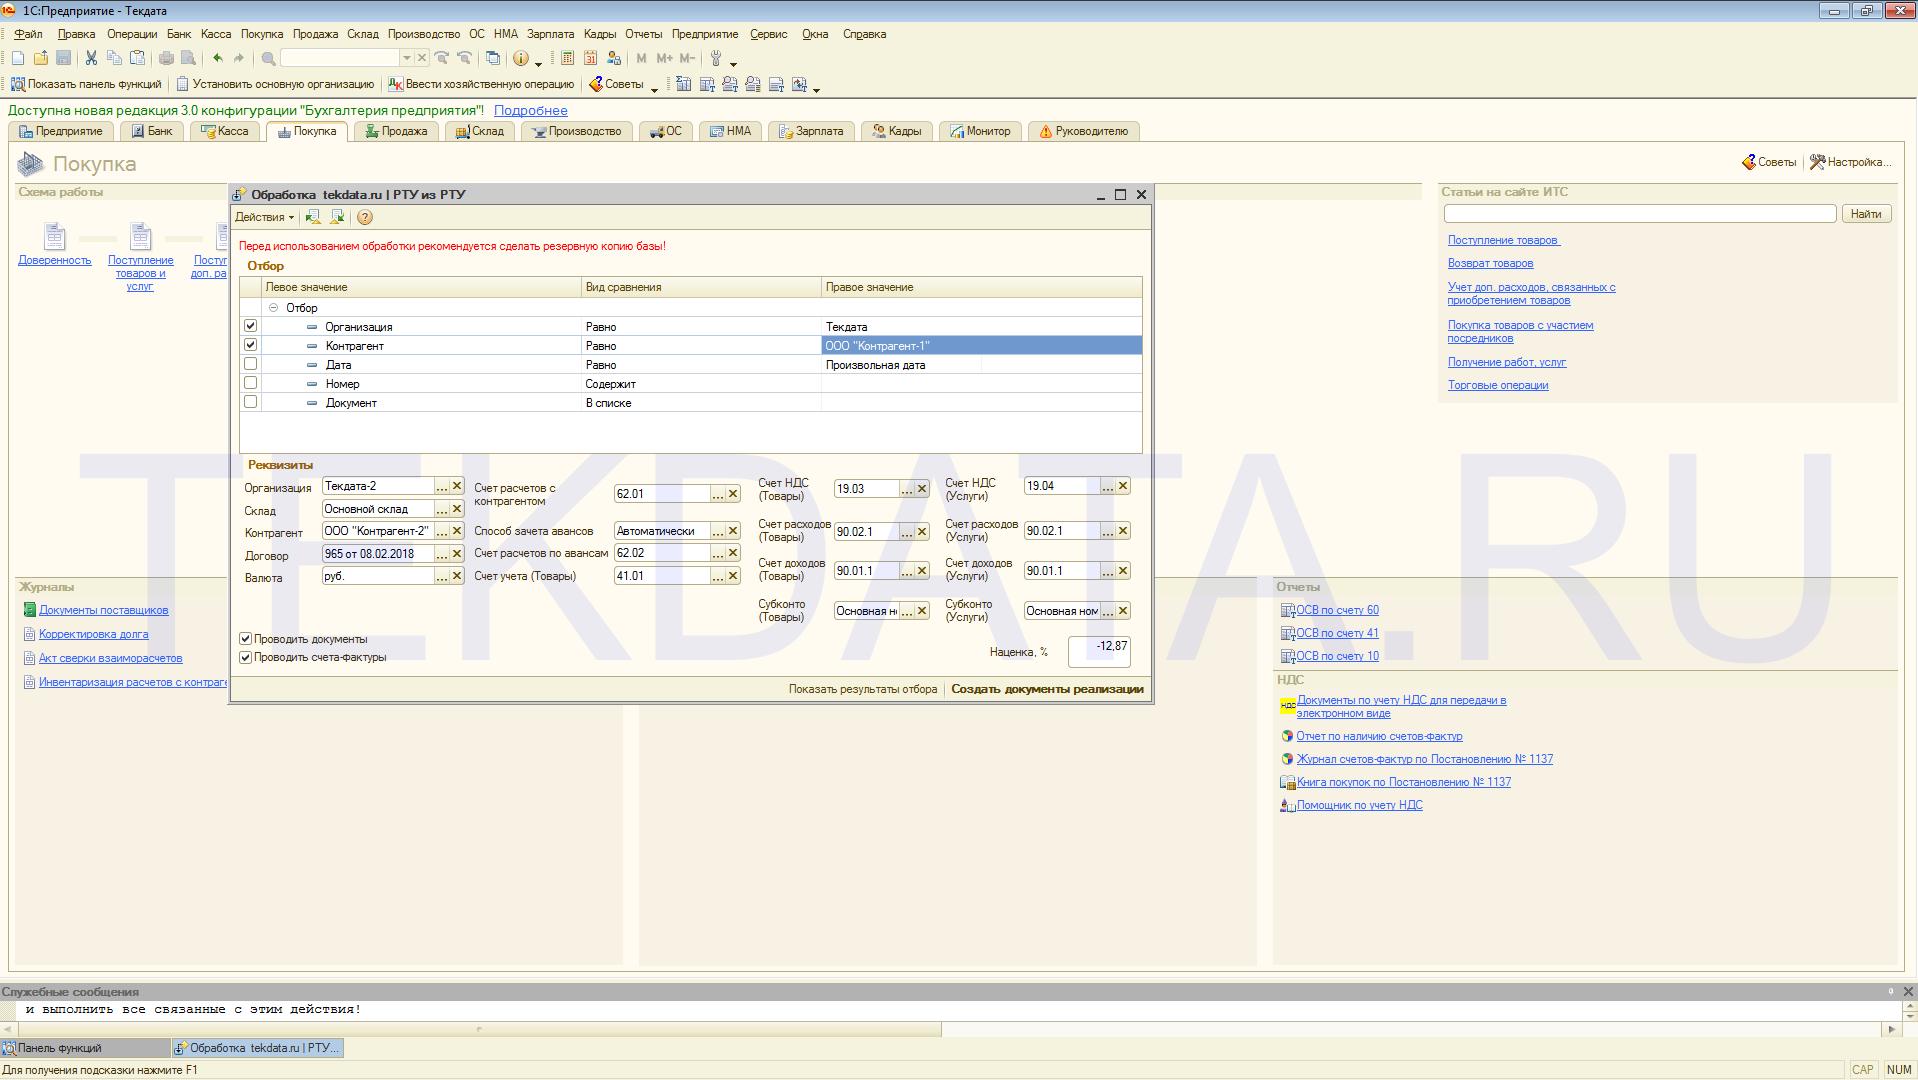 Автоматическое создание Реализаций товаров и услуг (перевыставление) для других организаций в 1С: БП 2.0